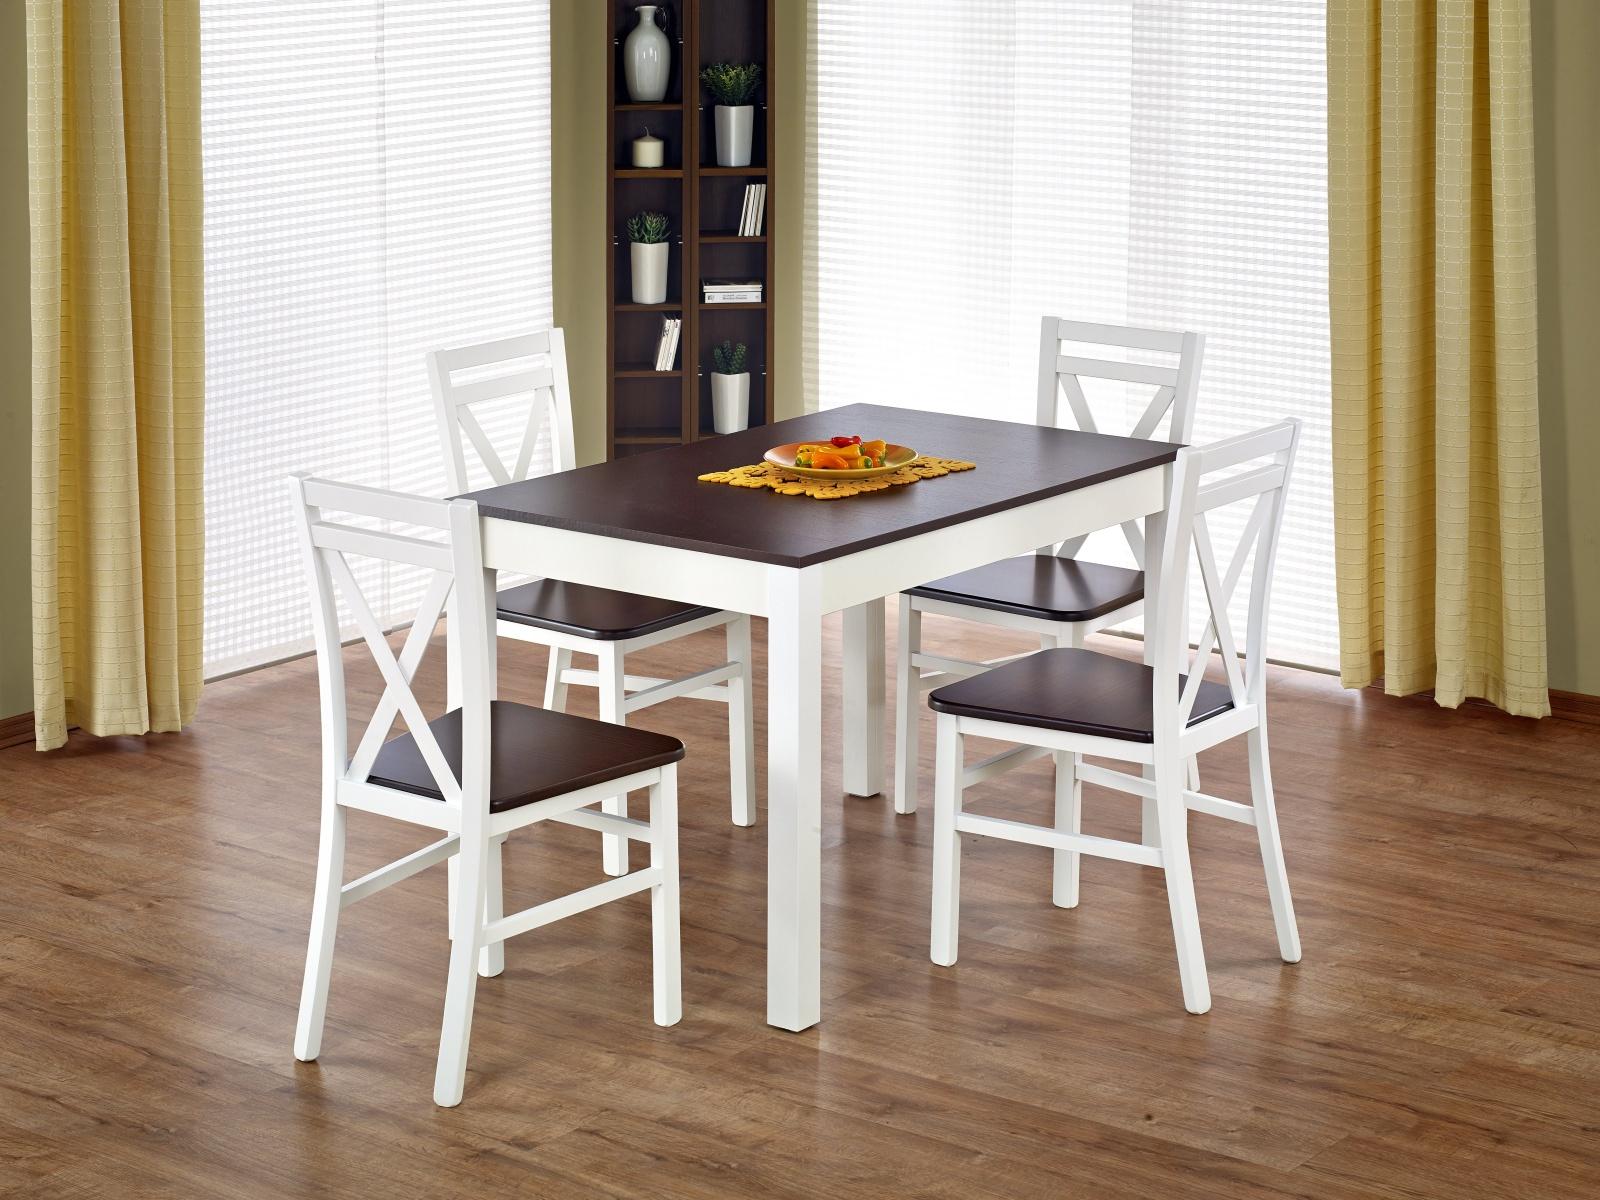 Halmar Jídelní stůl rozkládací MAURYCY, ořech tmavý/bílá